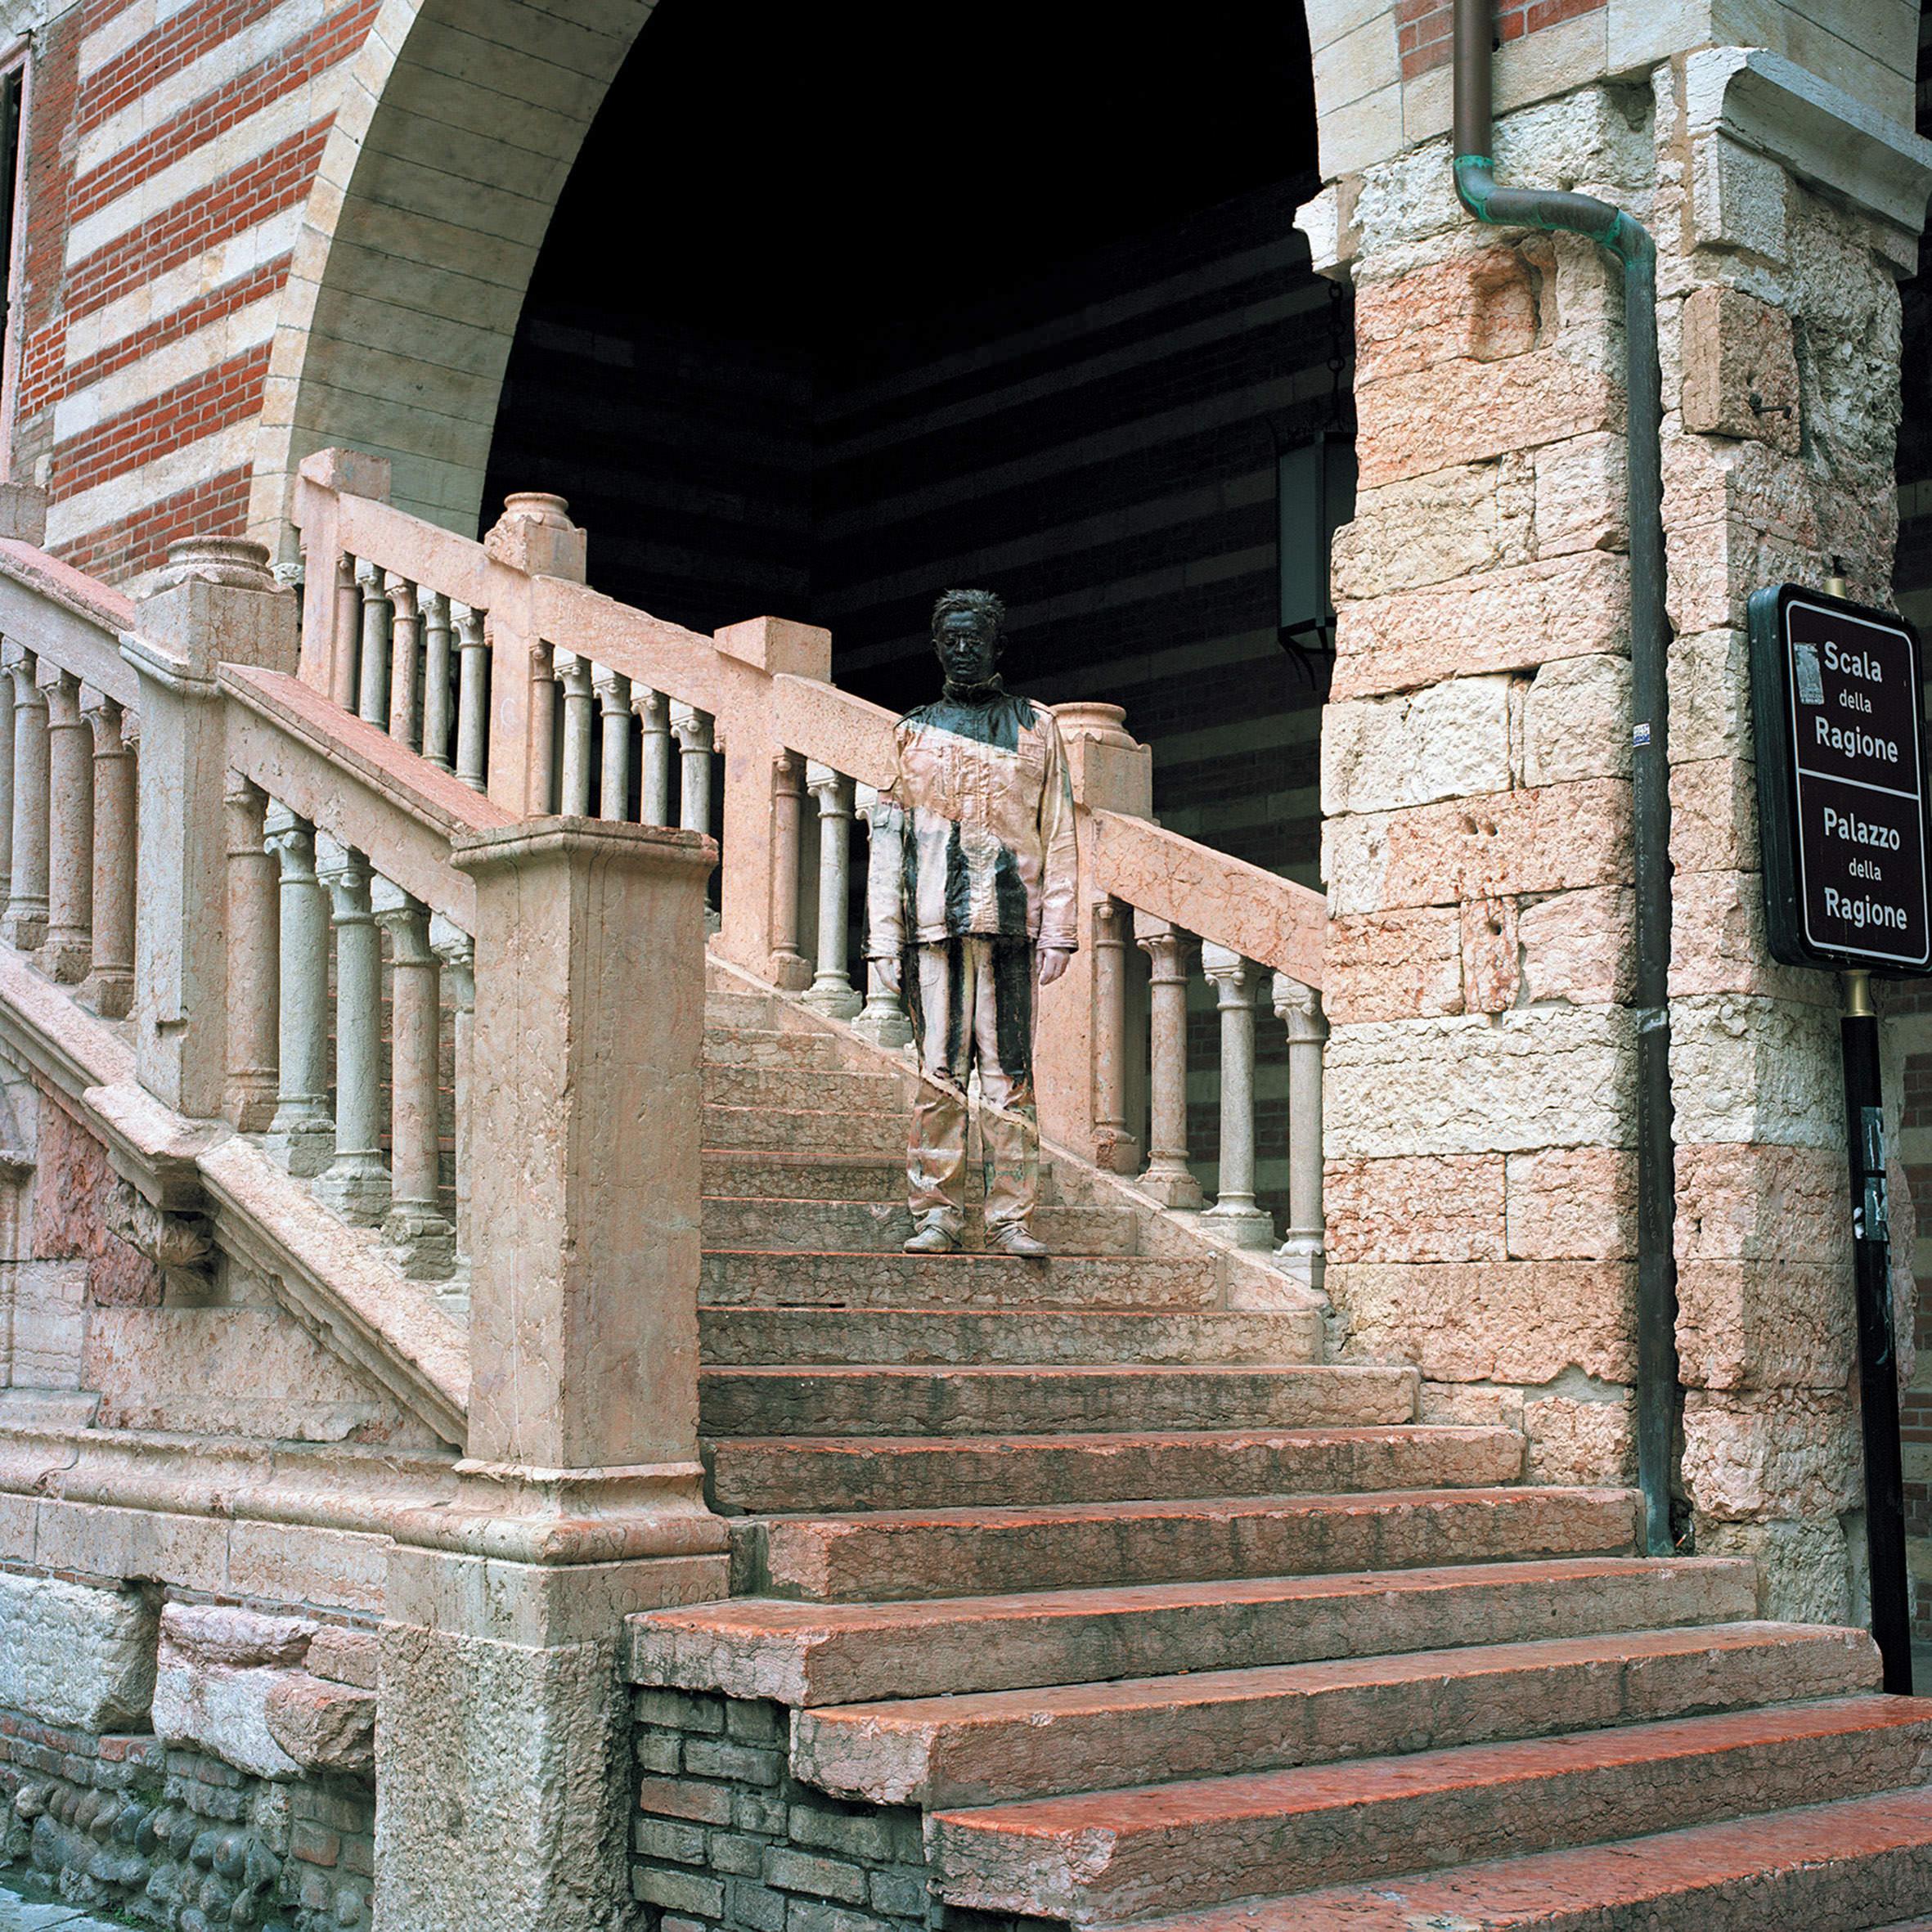 Liu Bolin, Scala della Ragione, Courtesy Boxart Verona